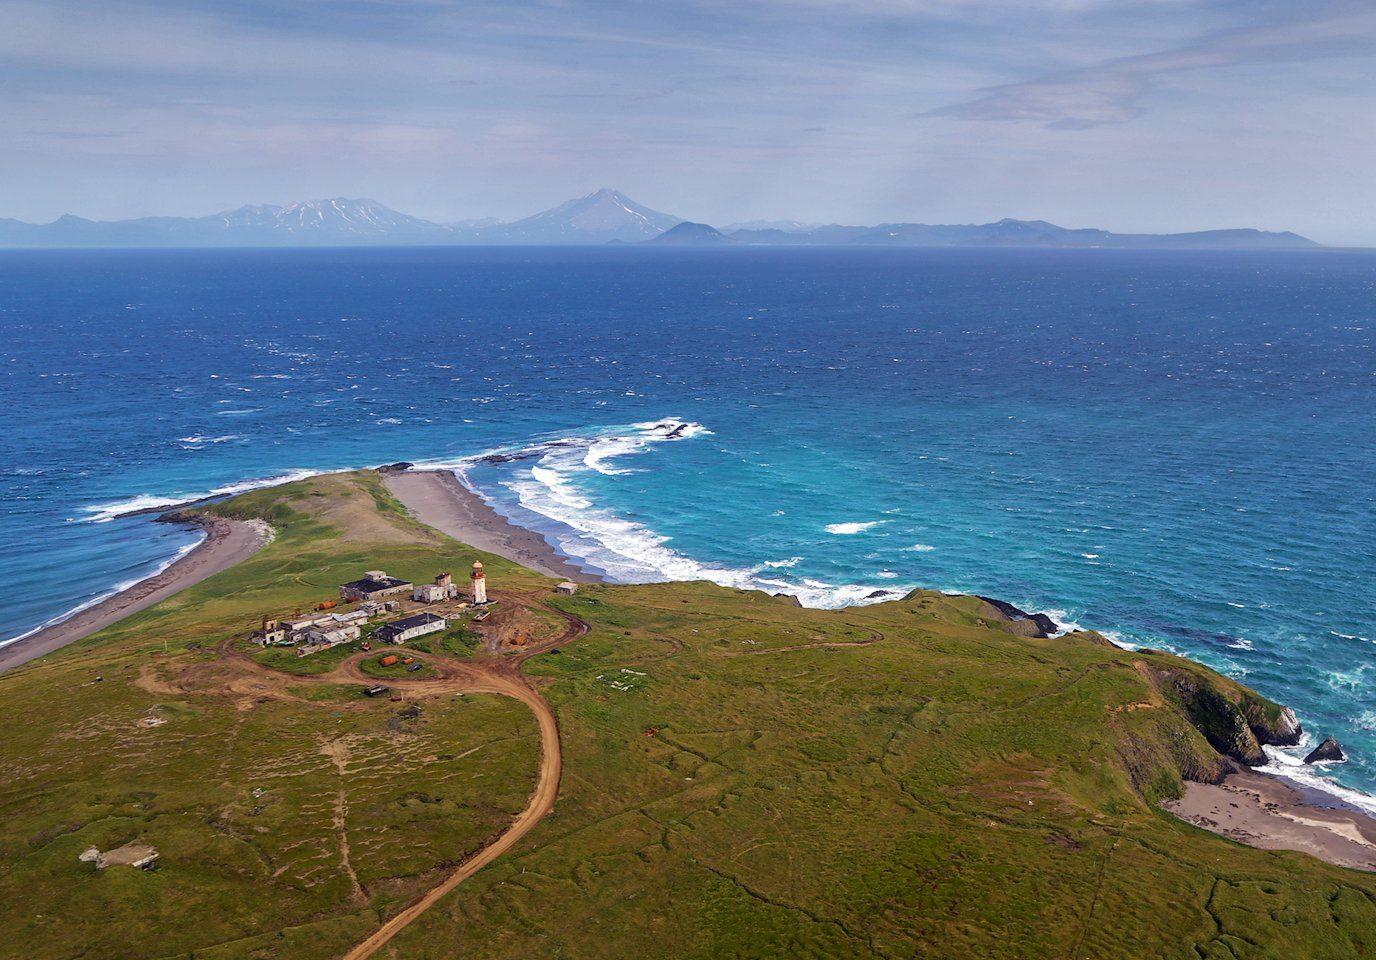 России и Японии вновь не удается договориться по Курильским островам